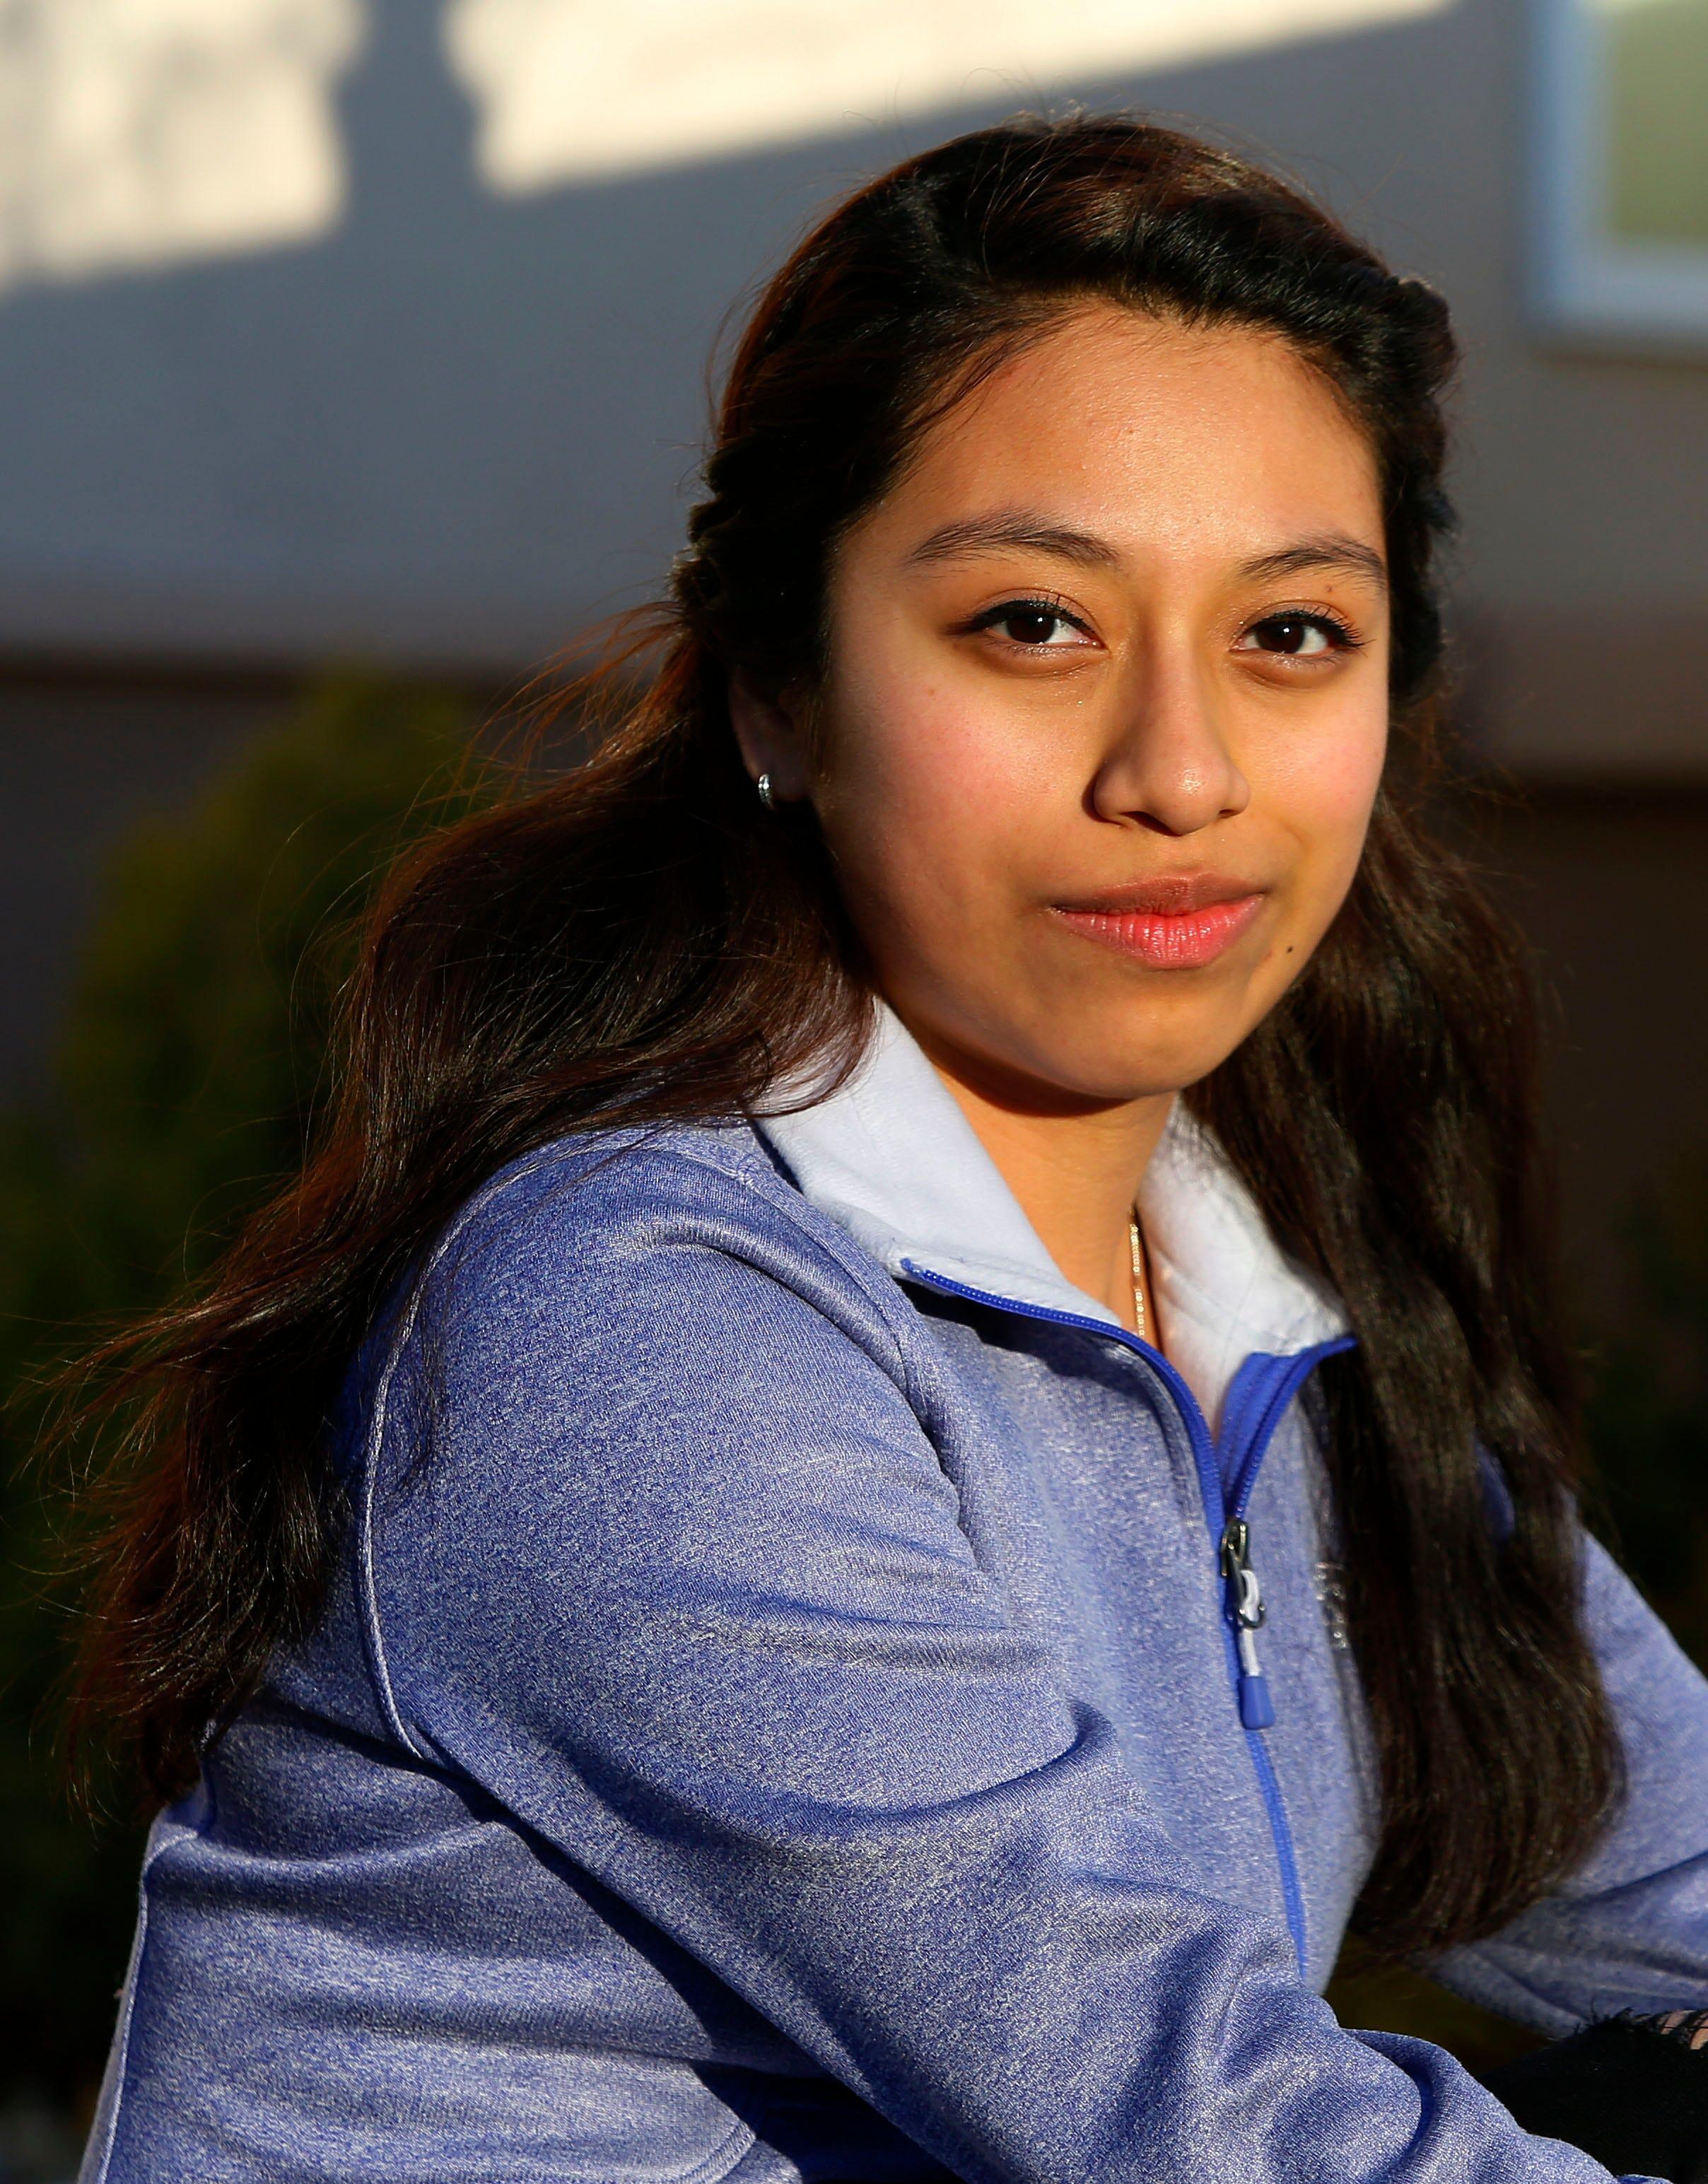 Yeimi Hernandez